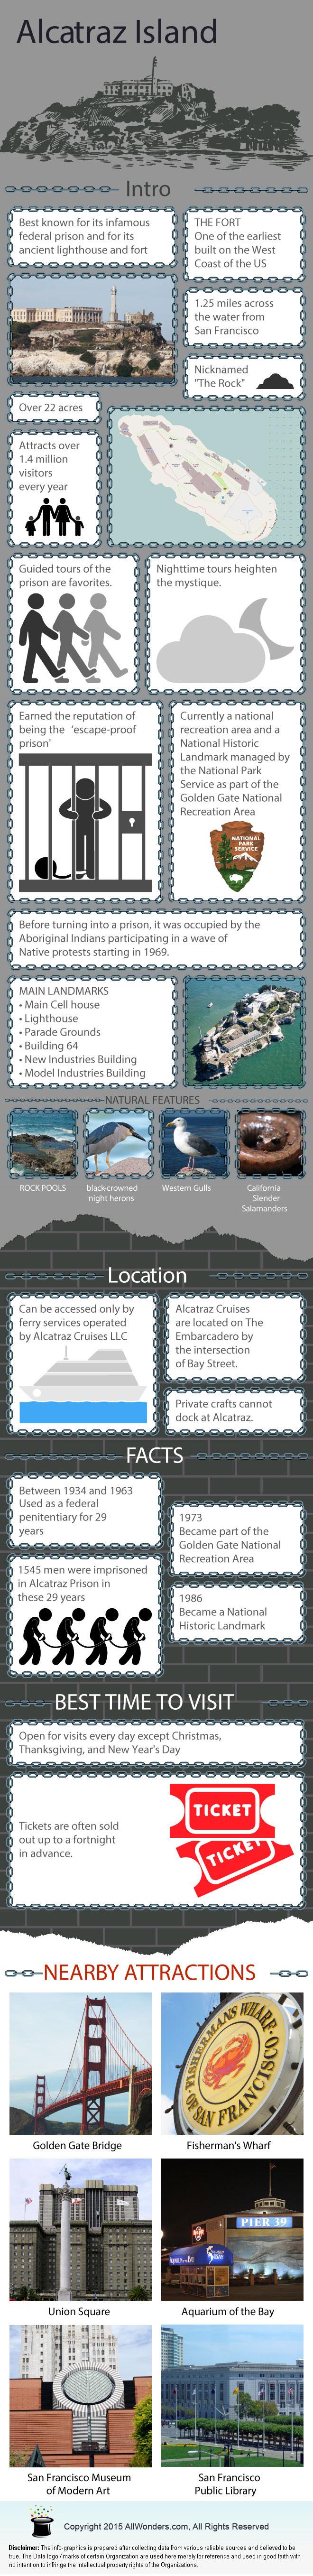 Alcatraz Island Infographic